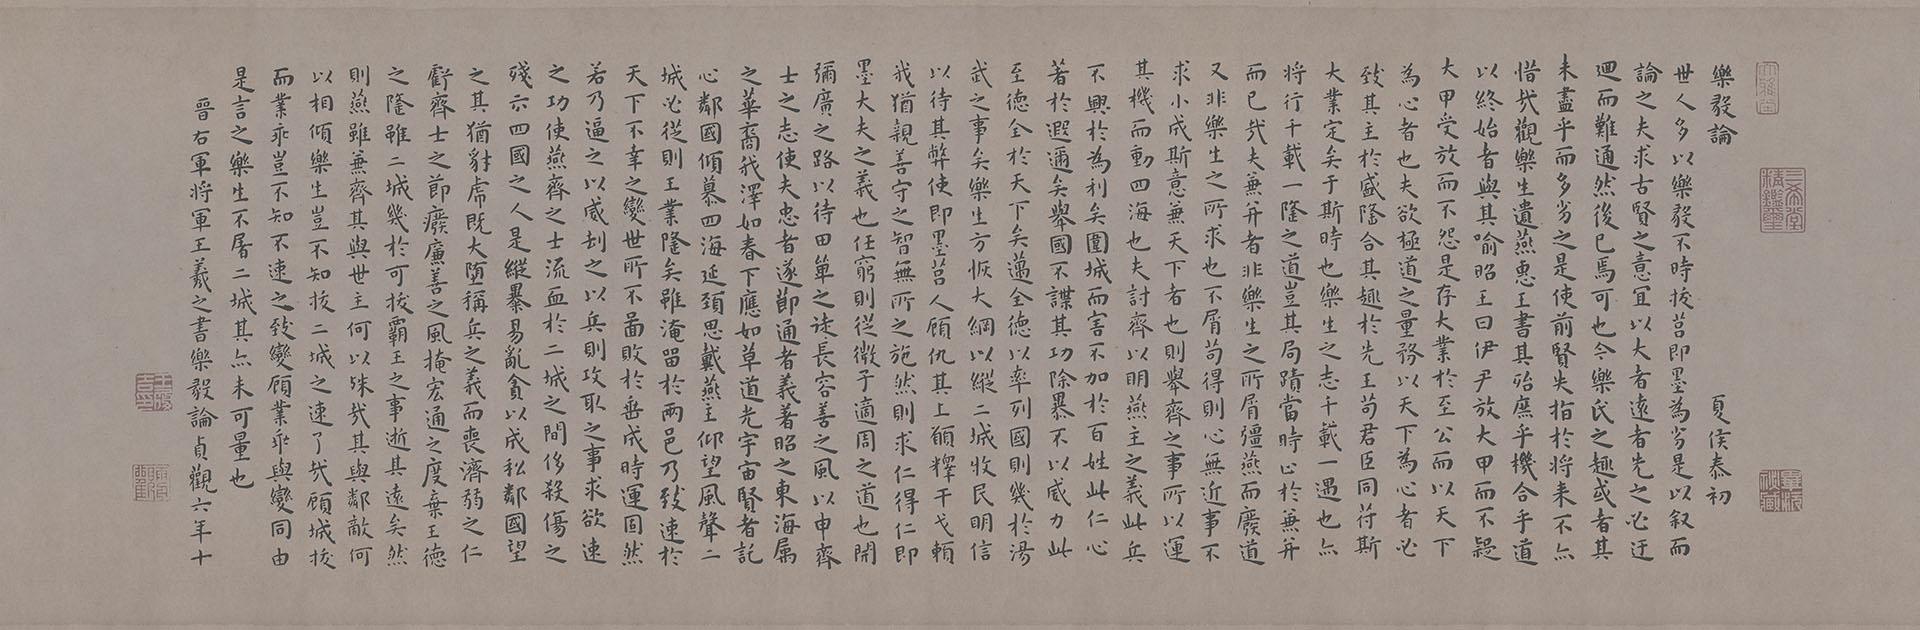 明 王宠 临乐毅论29X90